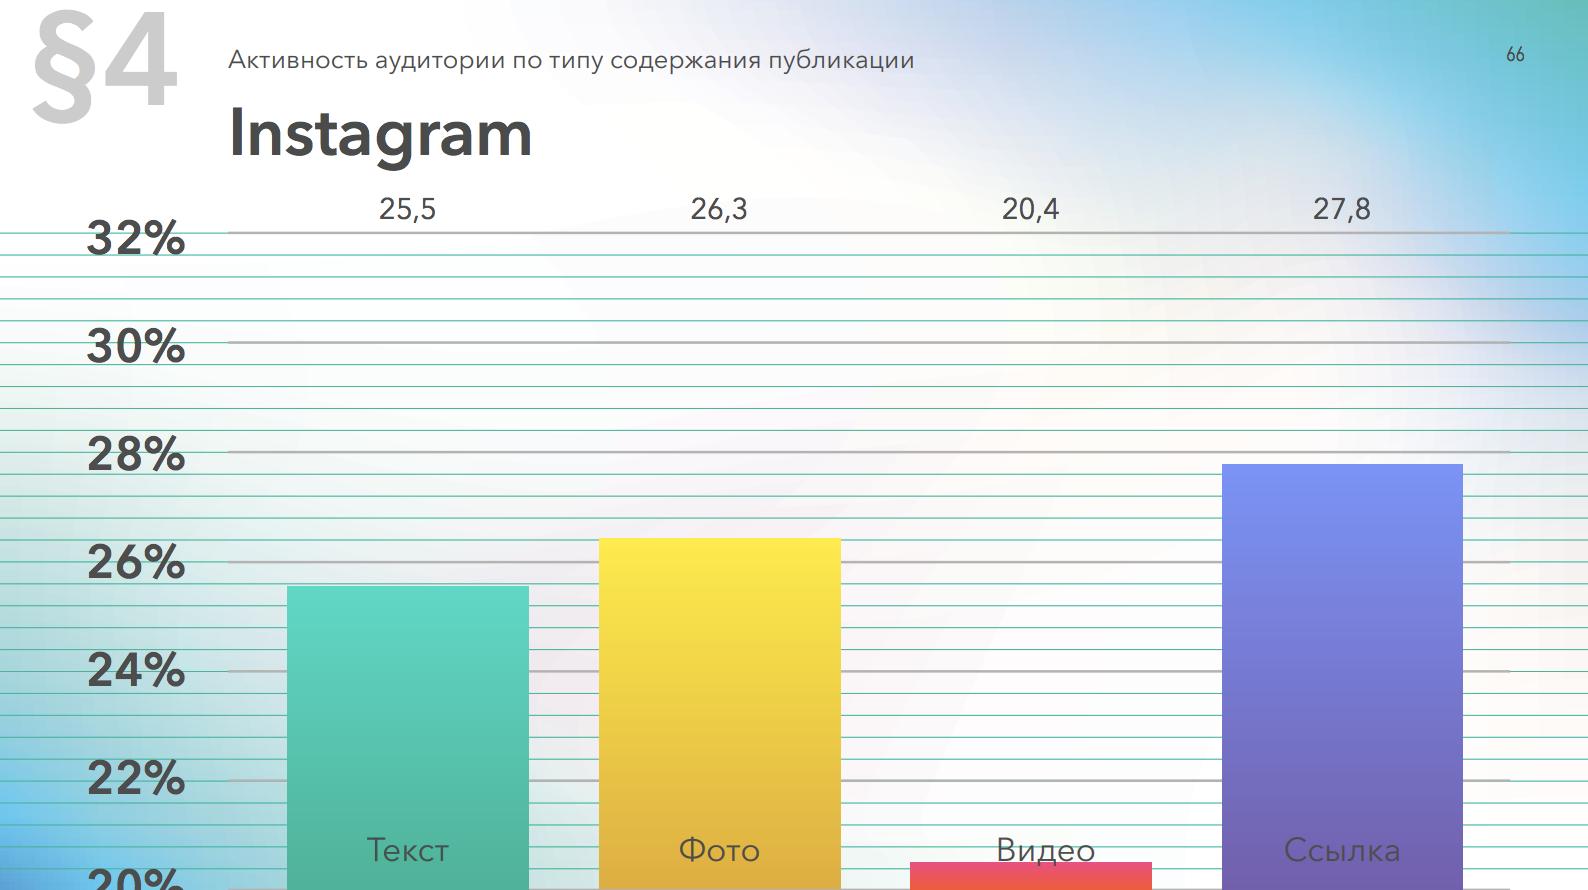 Активность аудитории в Instagram в постах с разным типом контента